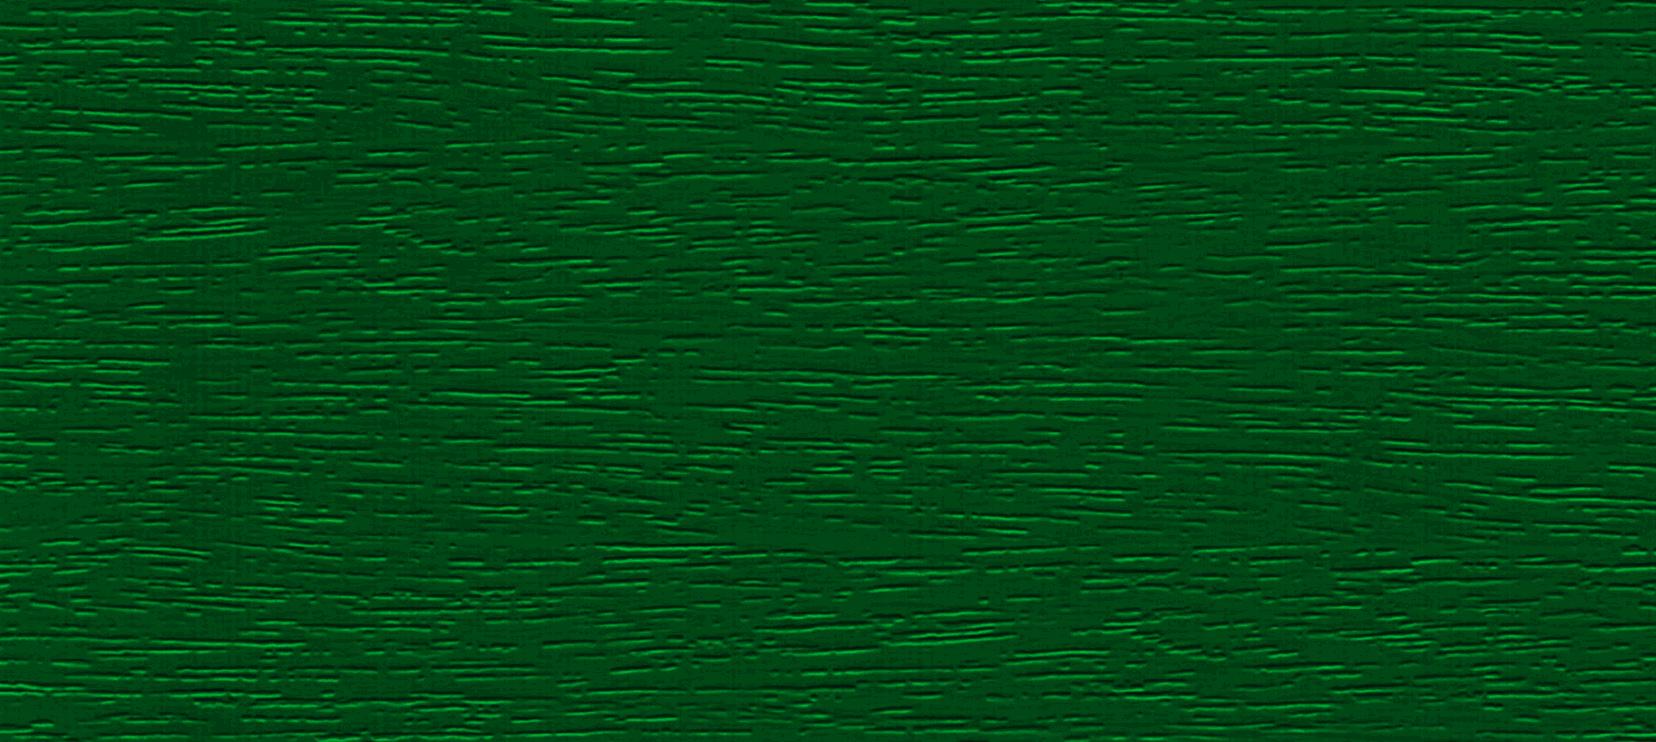 Deko RAL 6005 Art. ...13_23 600505.jpg